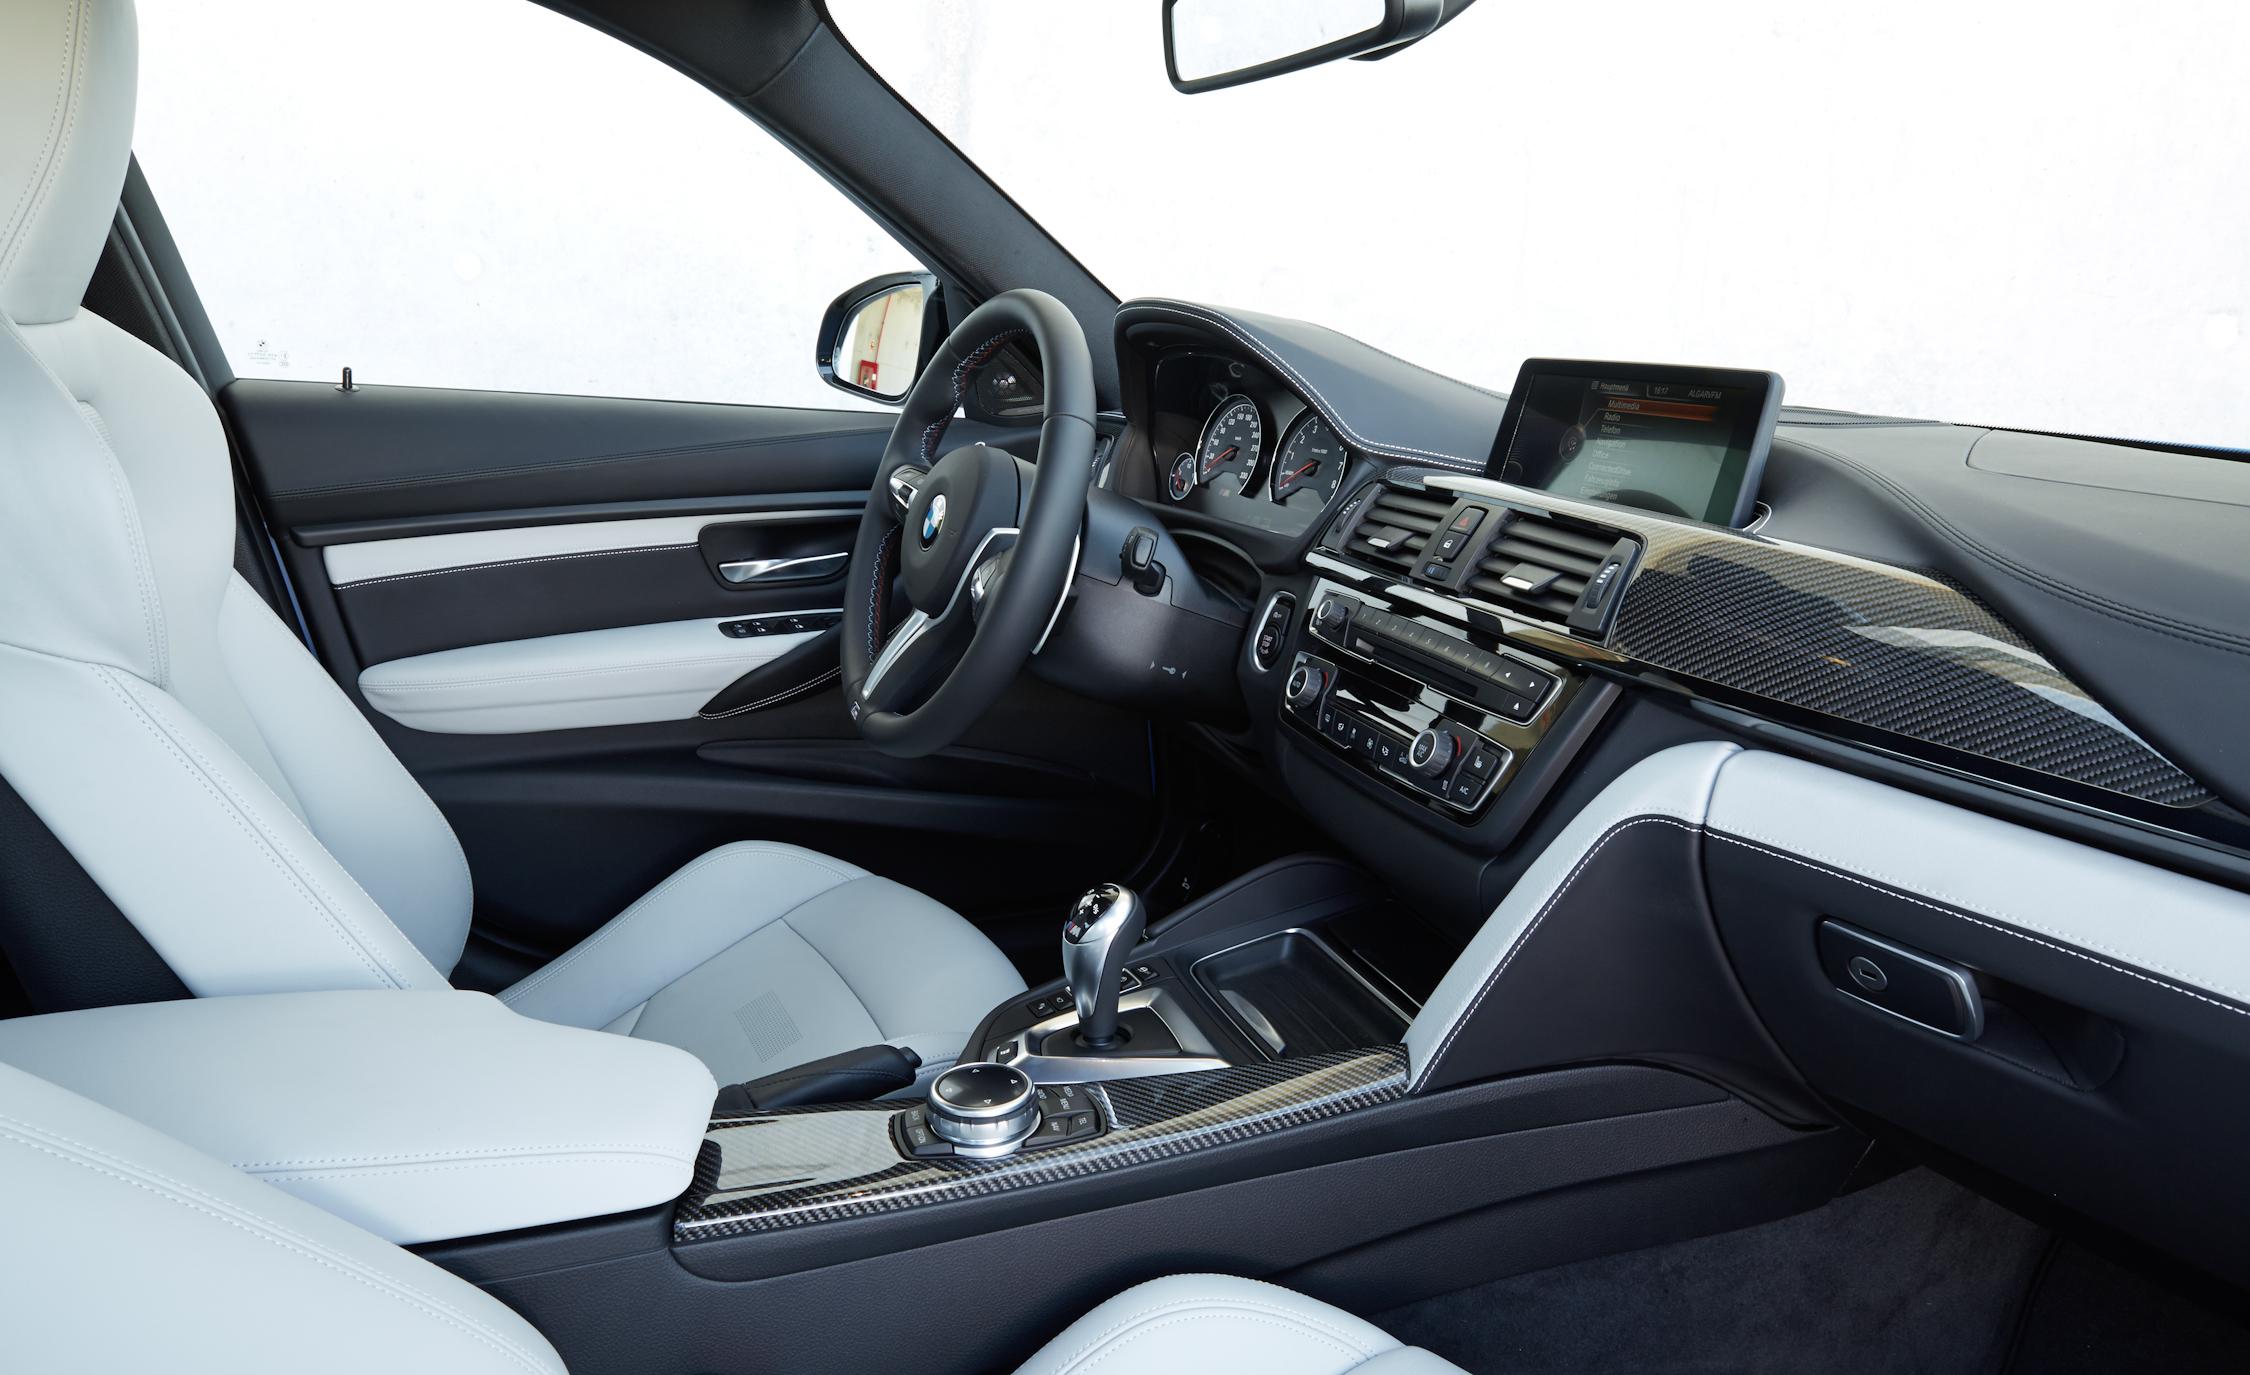 2015 BMW M3 Interior Dashboard